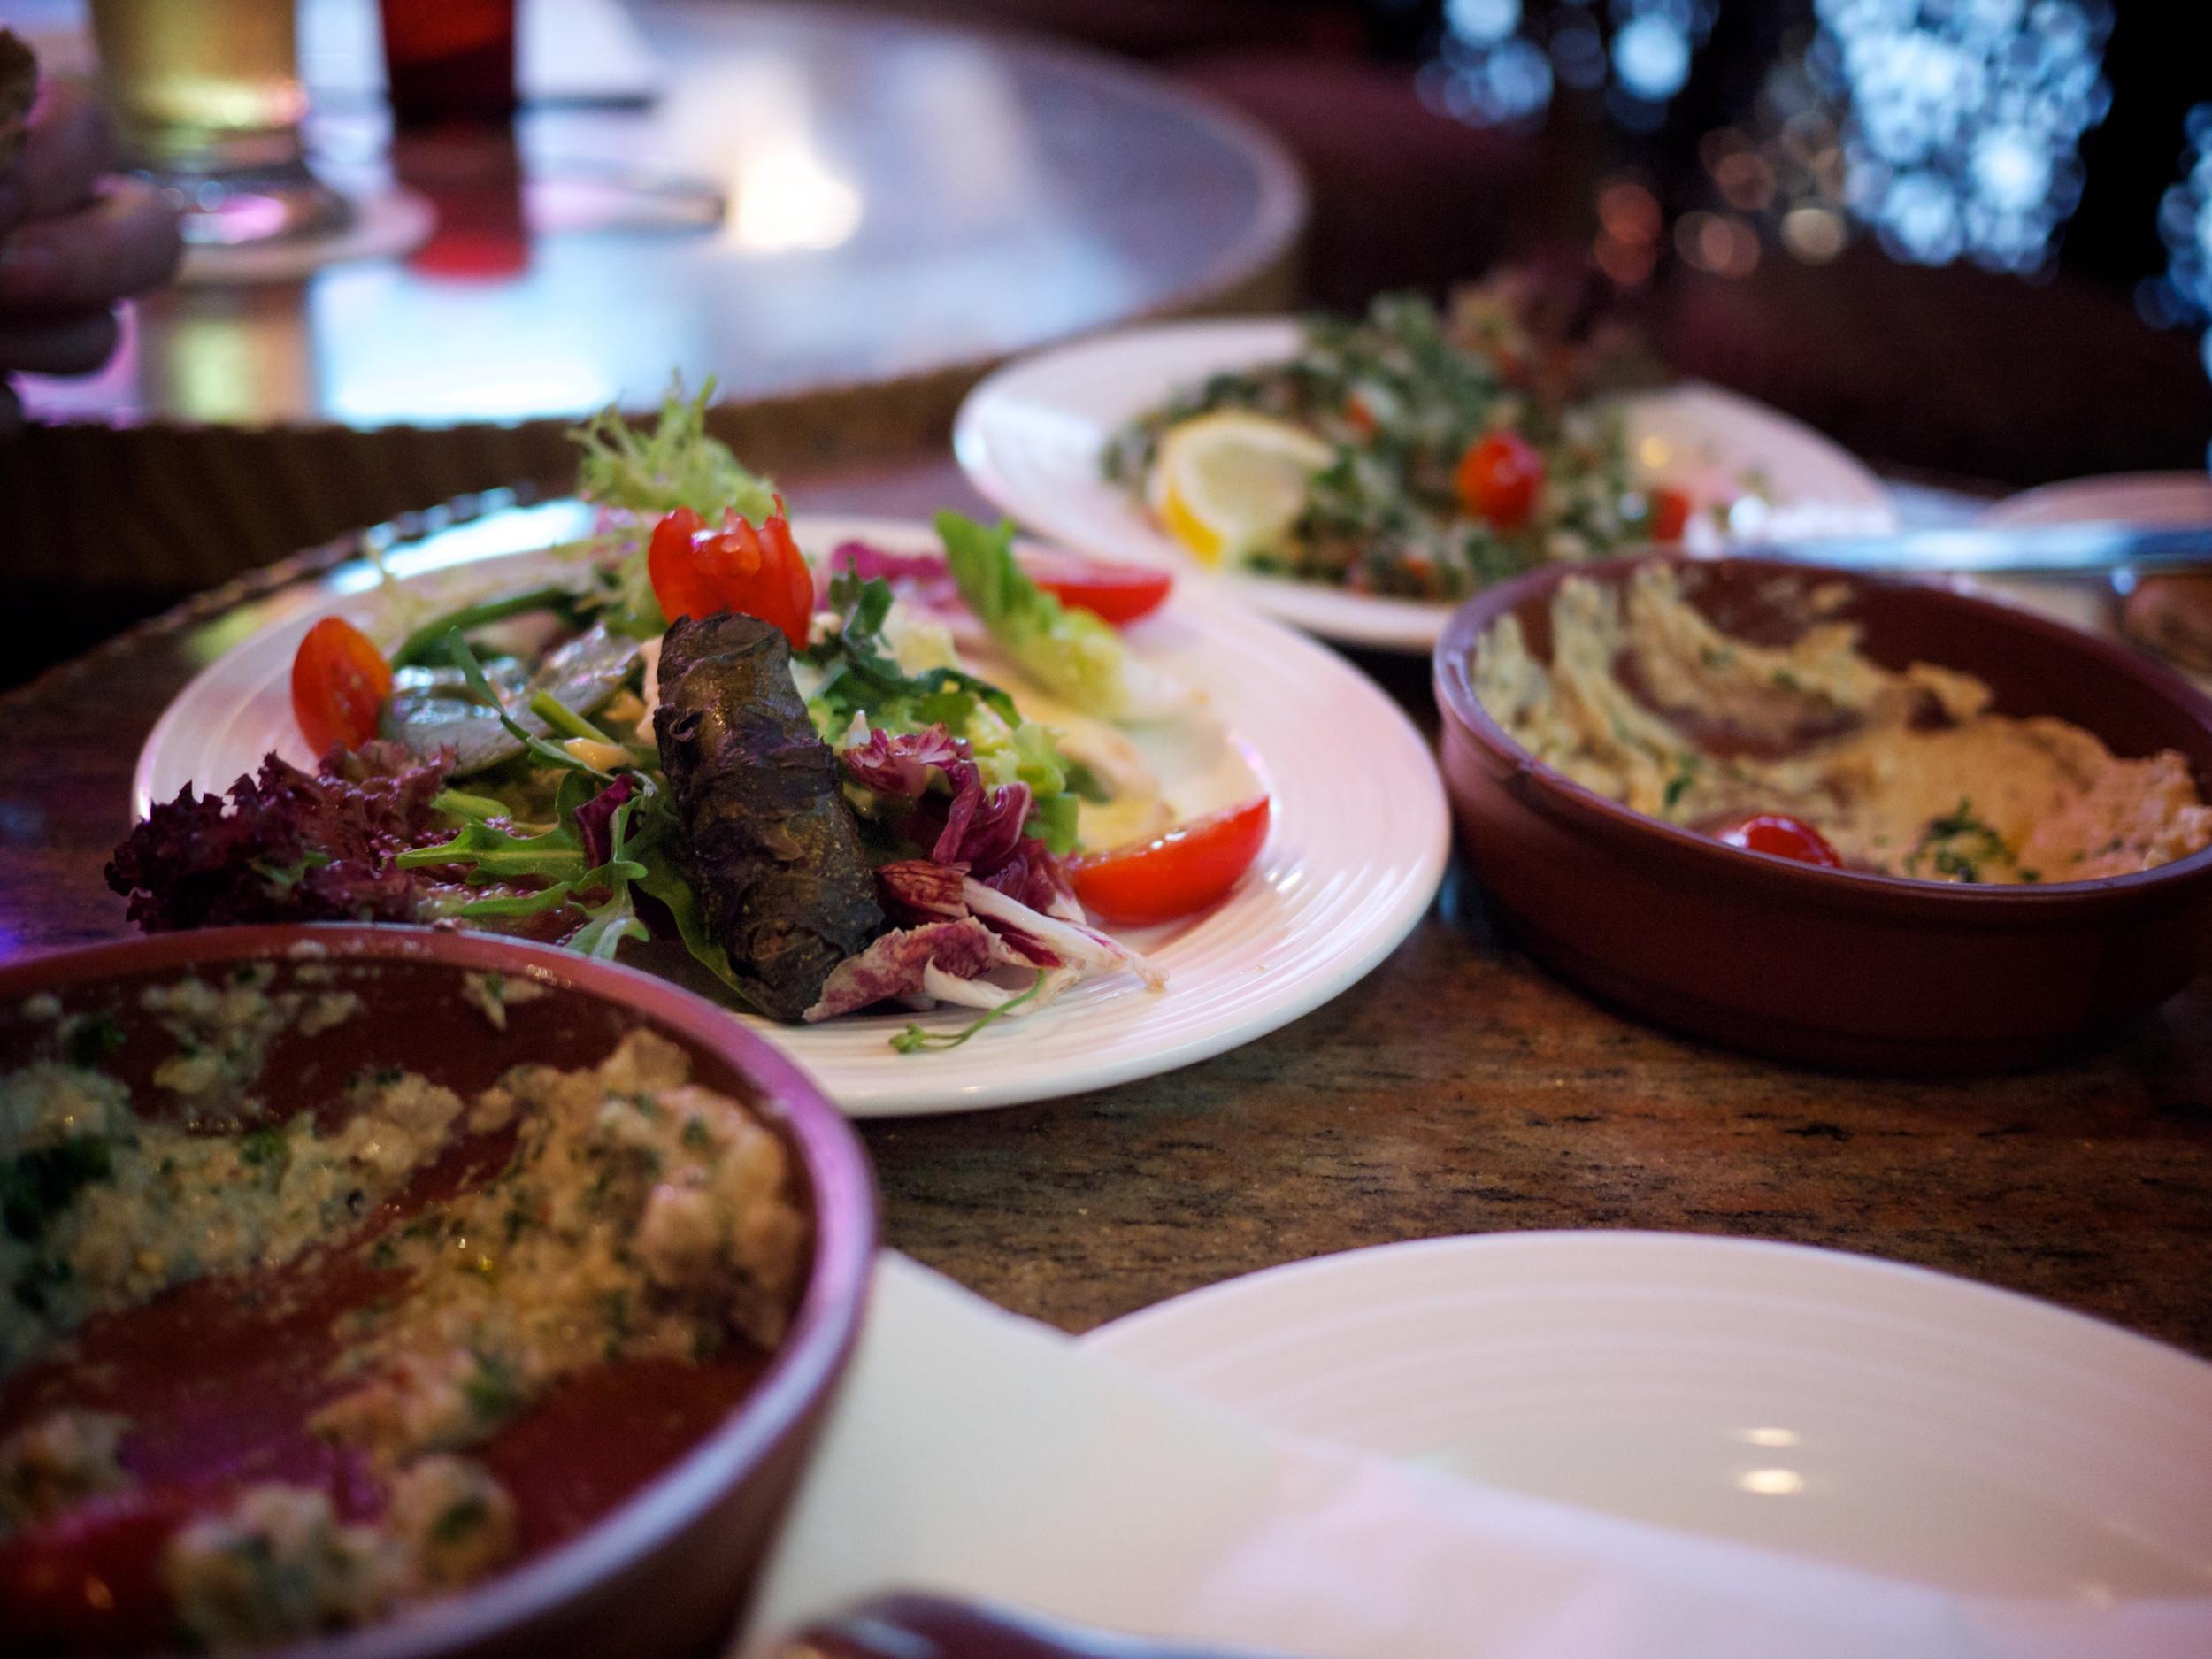 FOOD-Egyptian_2011-09-01_18-10-12_P1040157_©JosephLinaschke2011.jpg